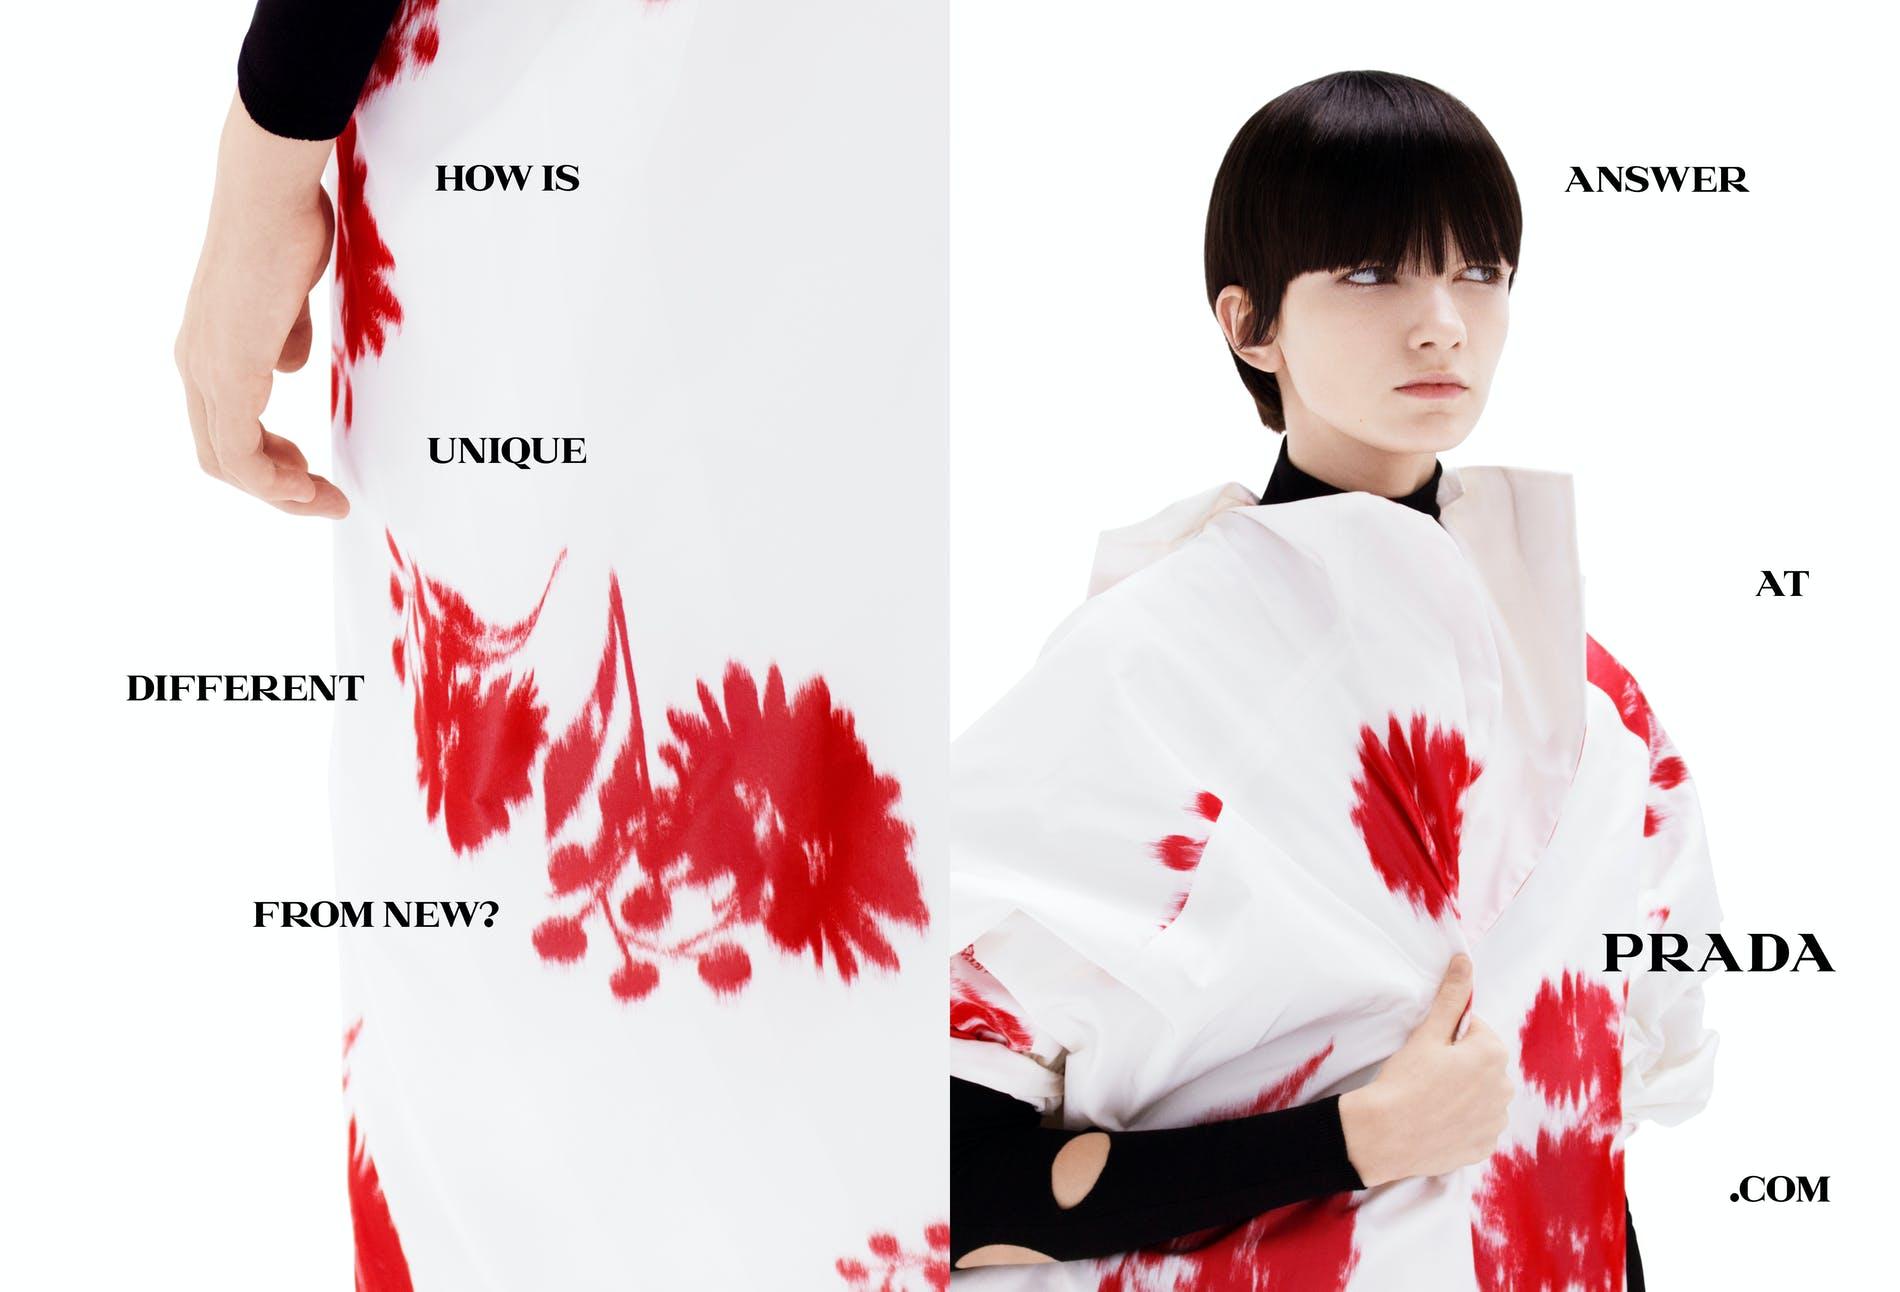 Chiến dịch thời trang Xuân Hè 2021 của Prada: Khi con người trò chuyện cùng máy móc - hình ảnh 2